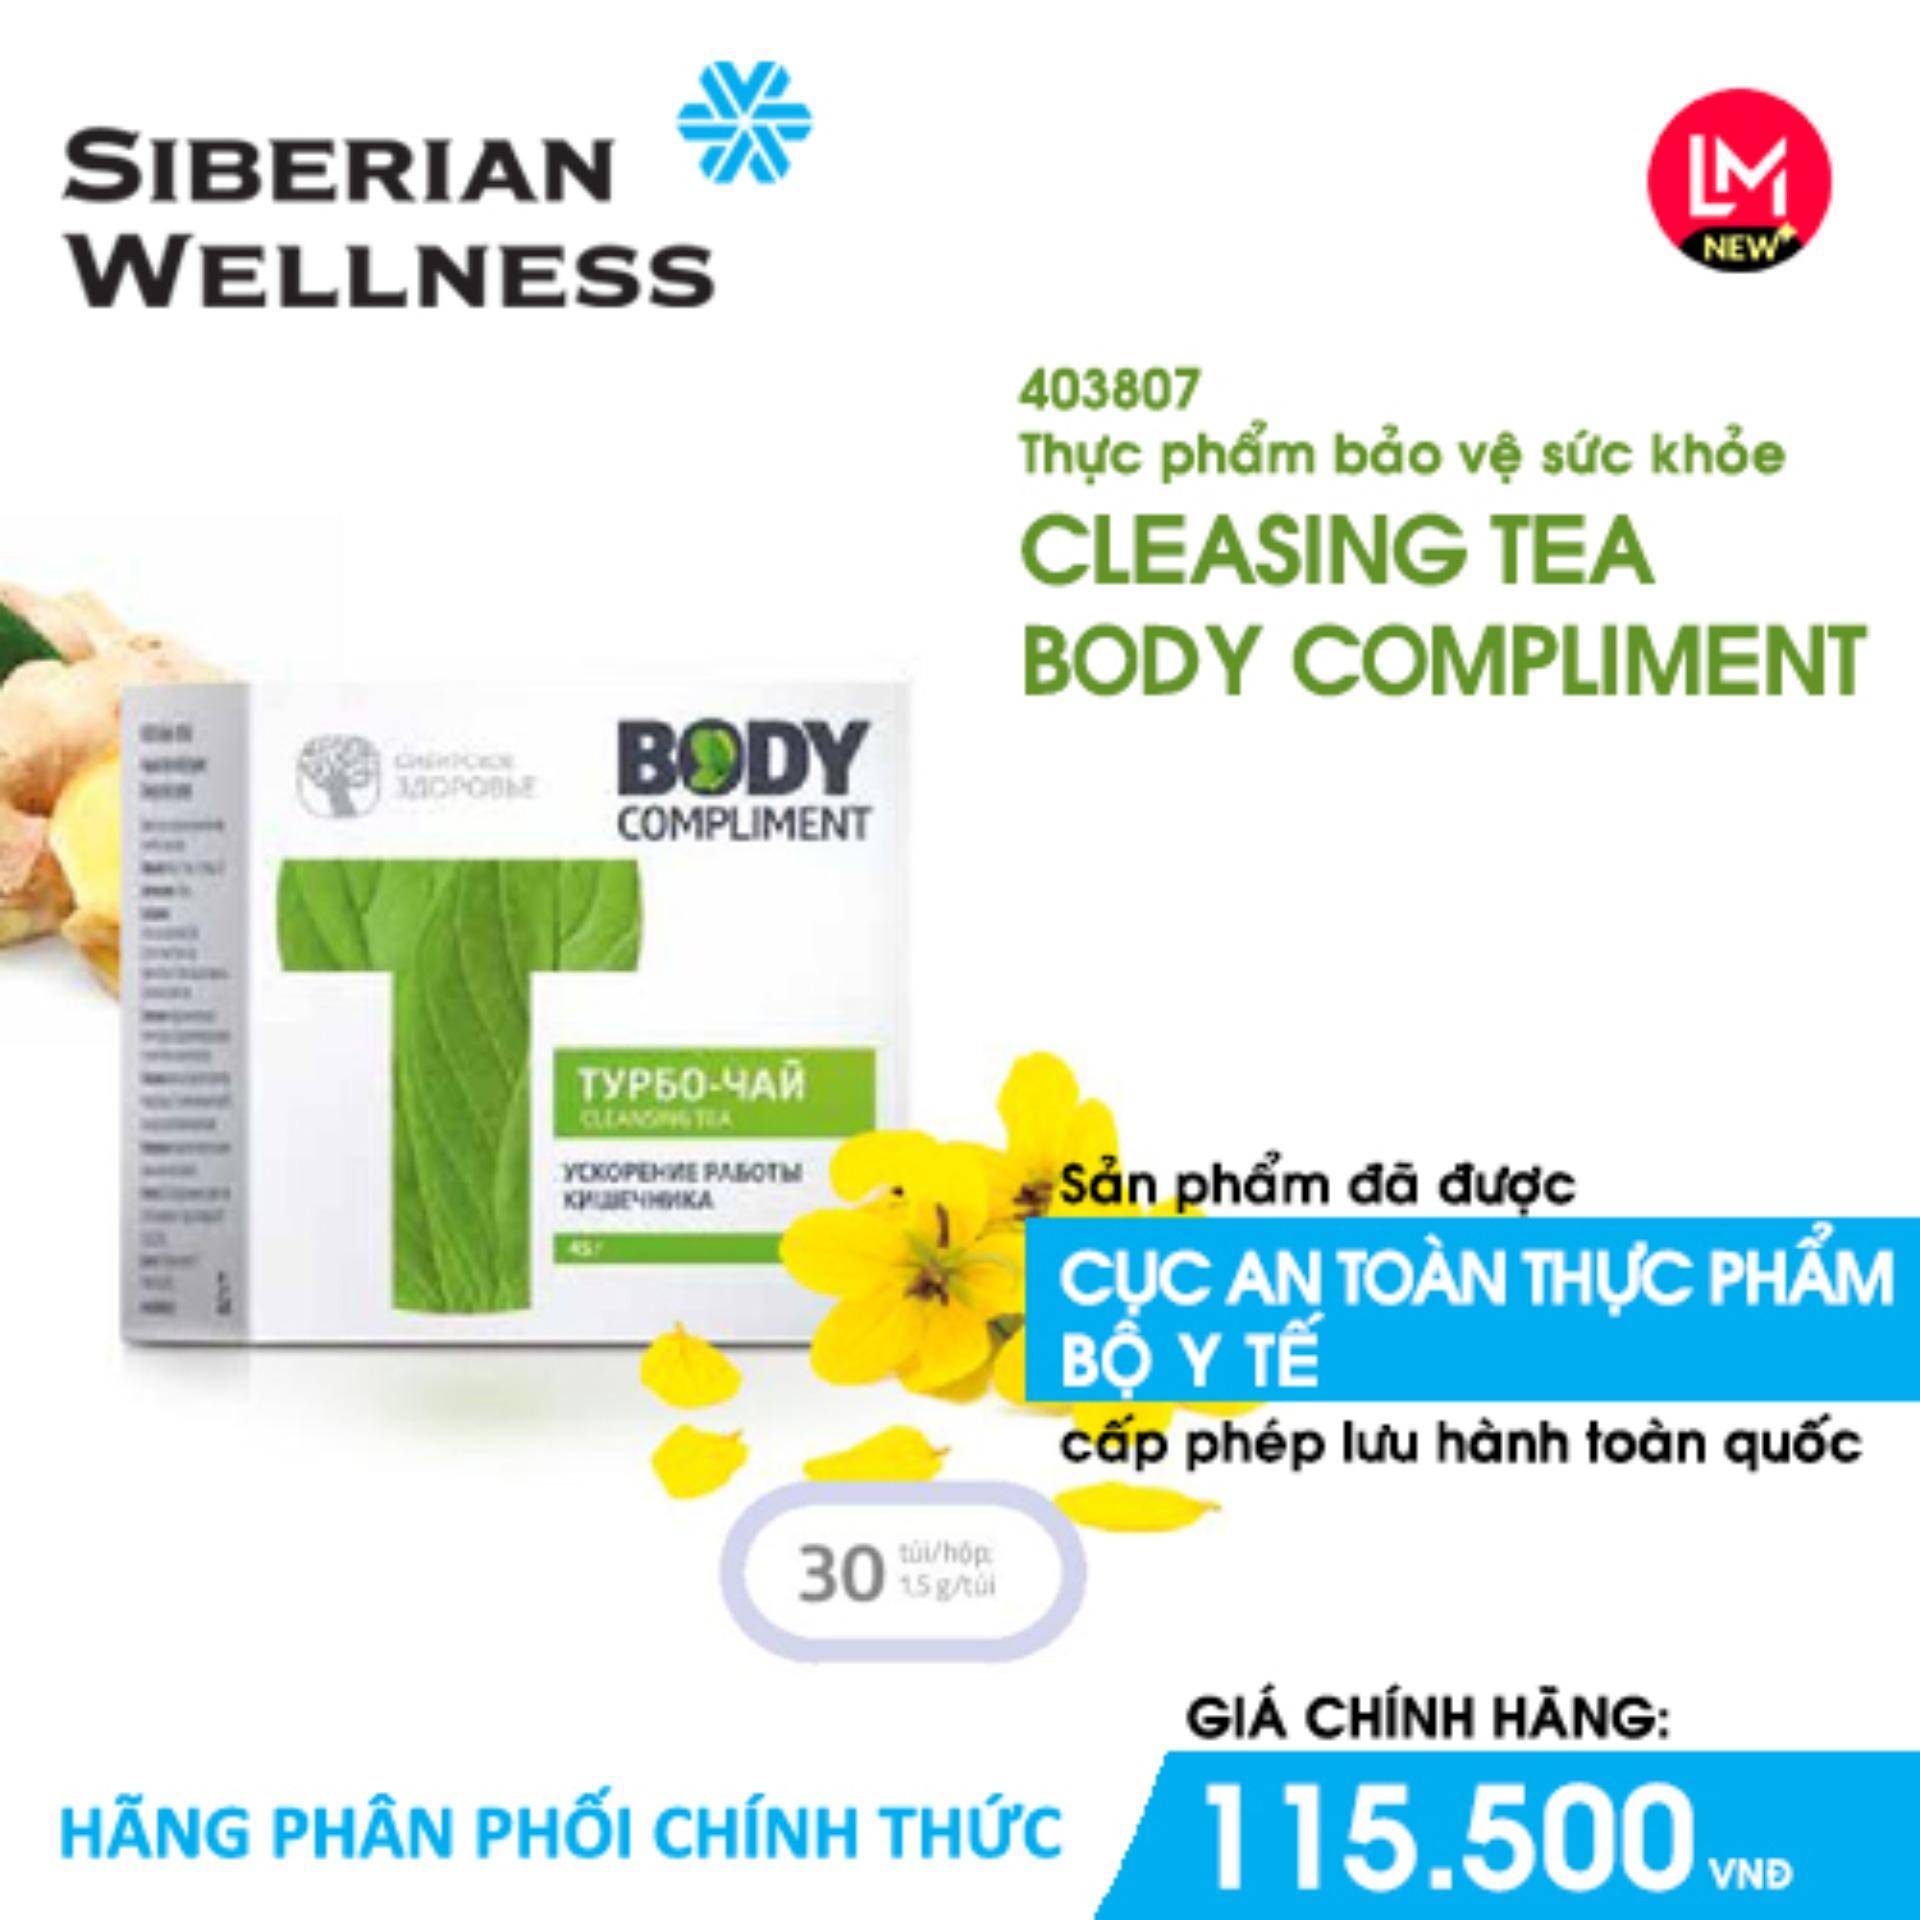 Trà giảm cân, hỗ trợ tăng cường đường ruột Cleansing tea body compliment (Siberian Health) - Hãng phân phối chính thức